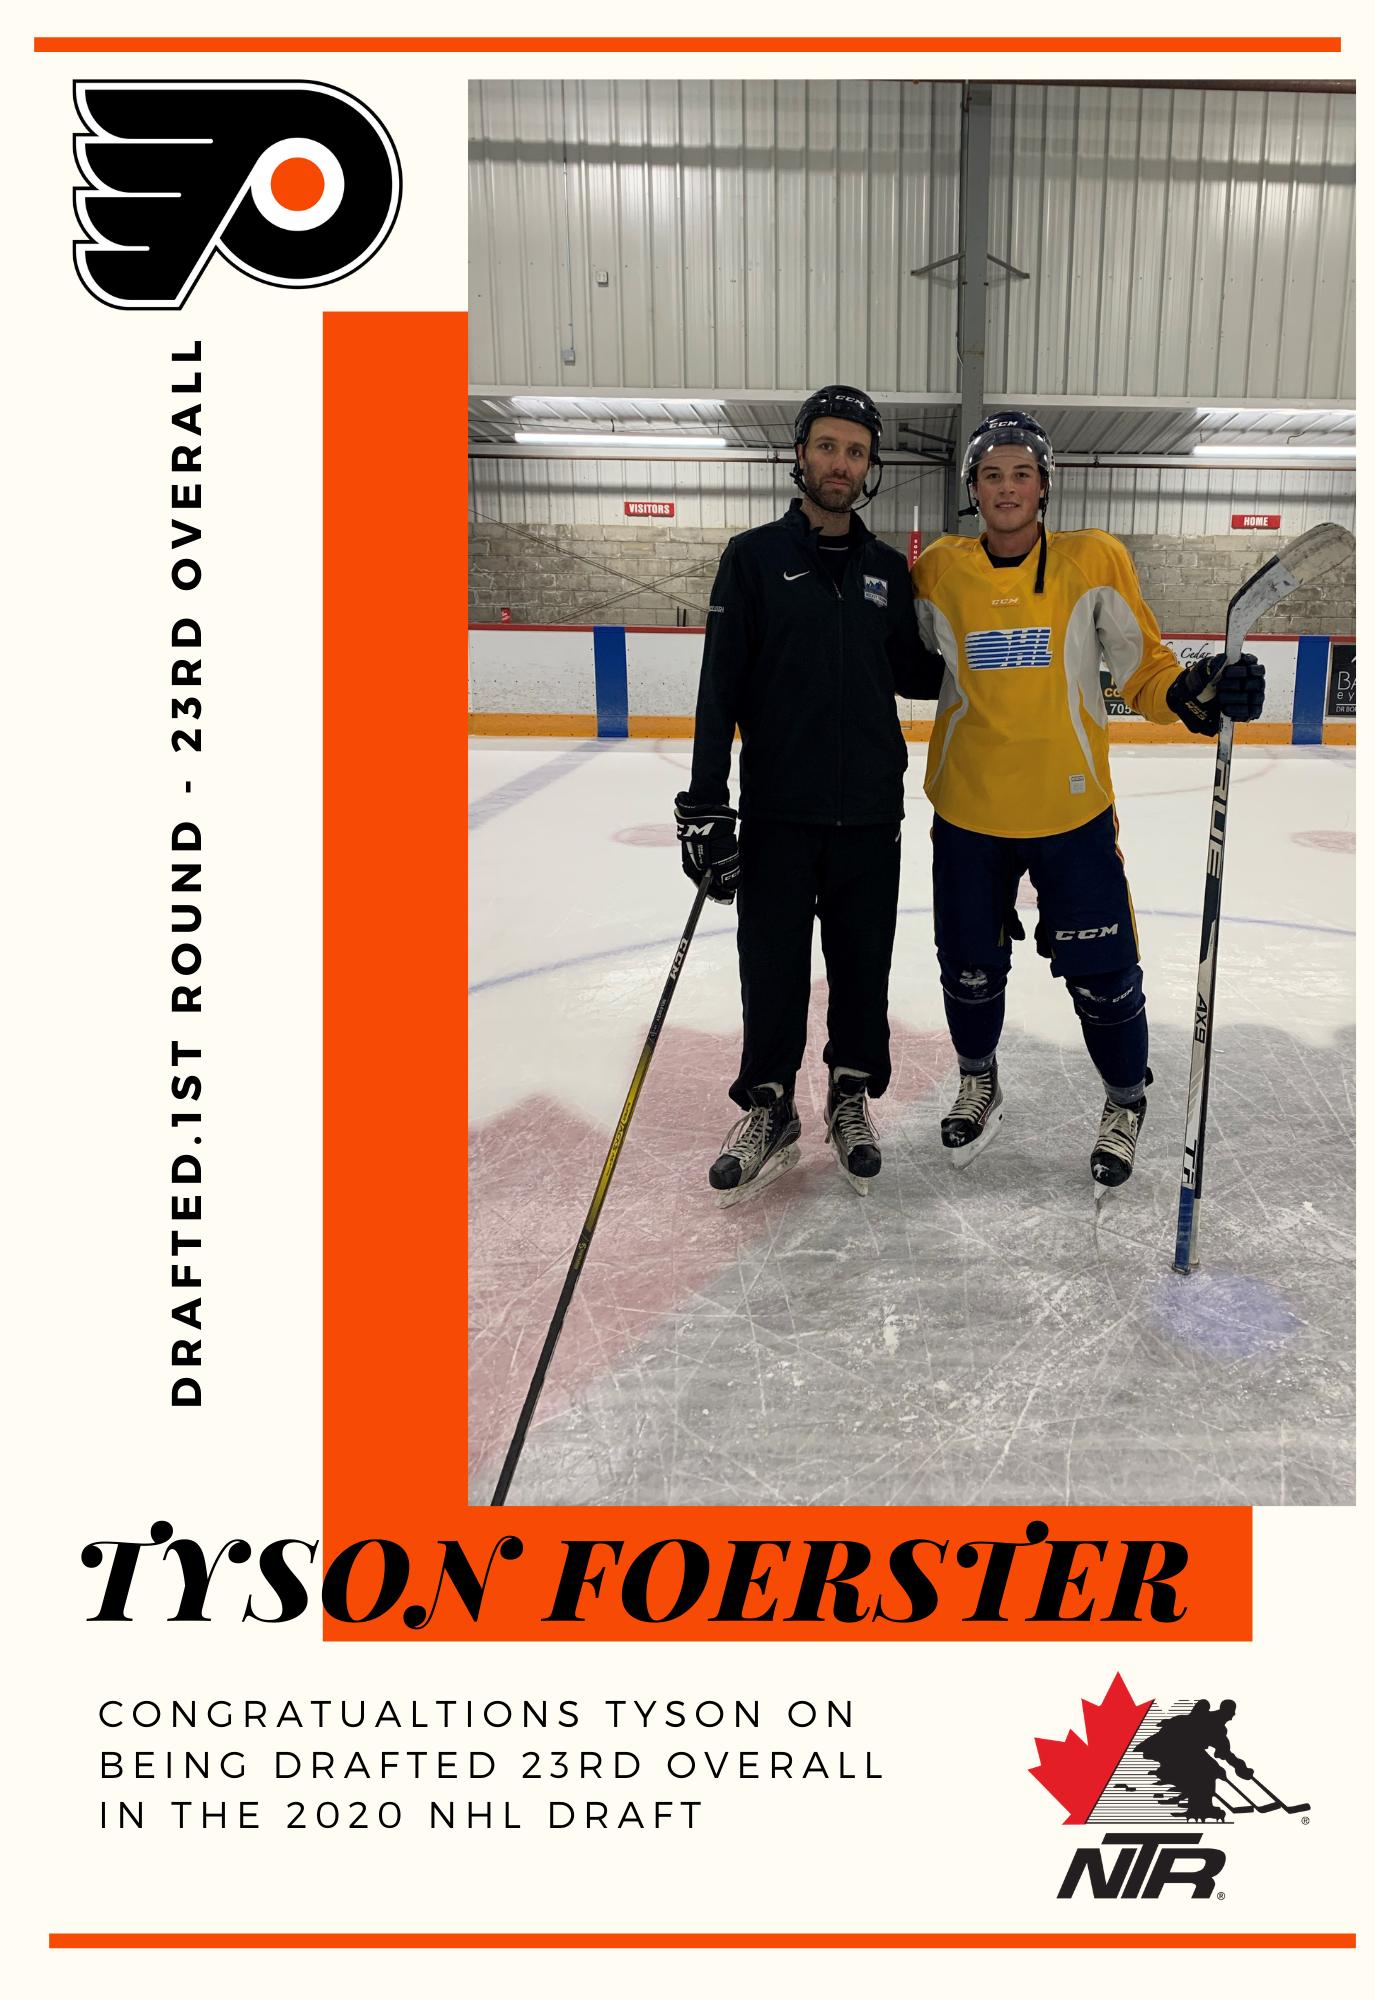 Tyson Foerster